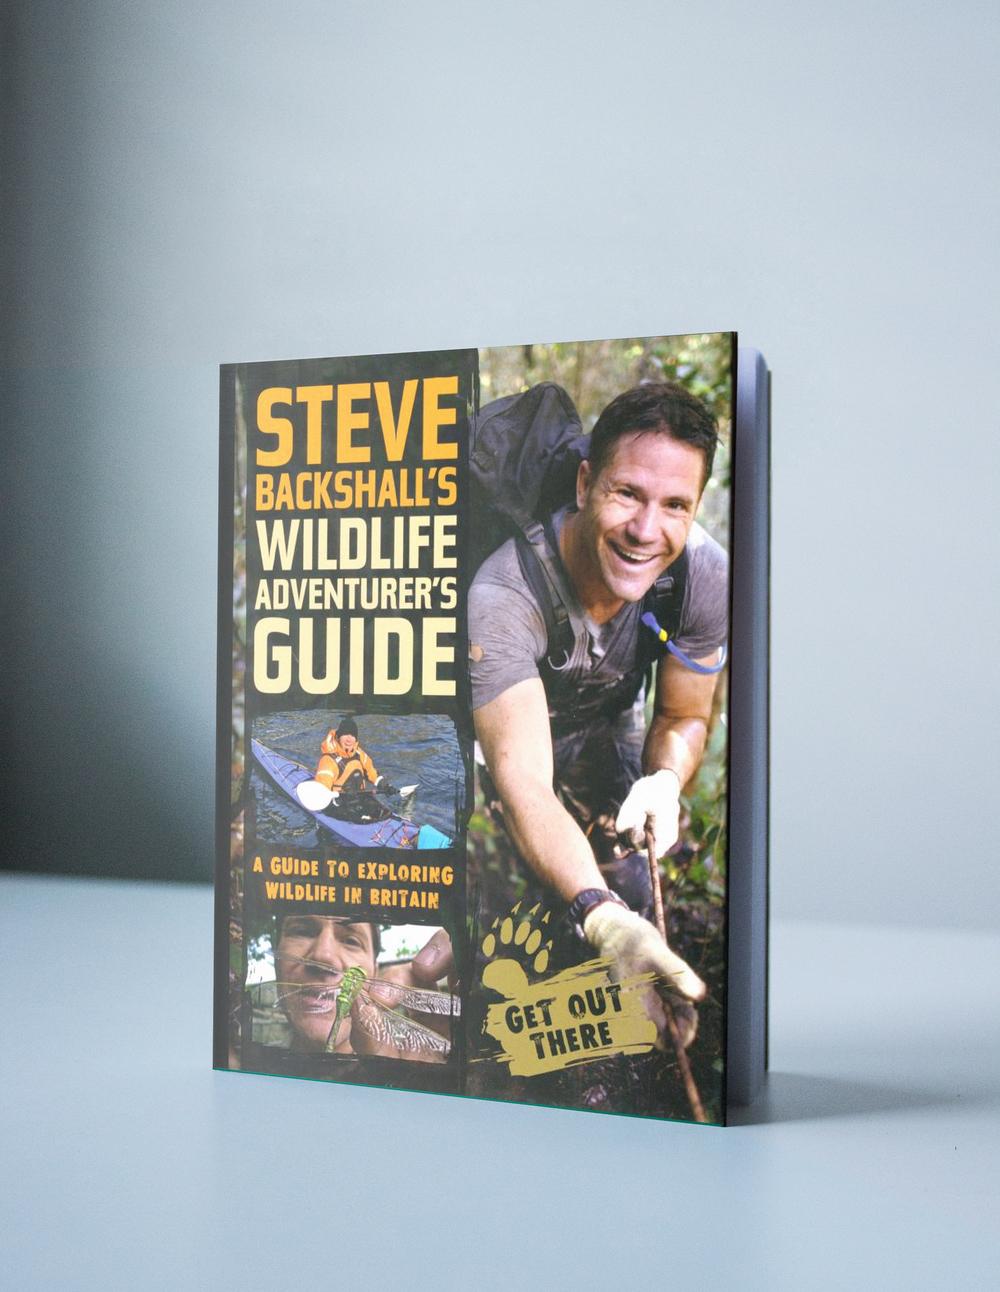 Steve Backshall Wildlife Adventurer's Guide